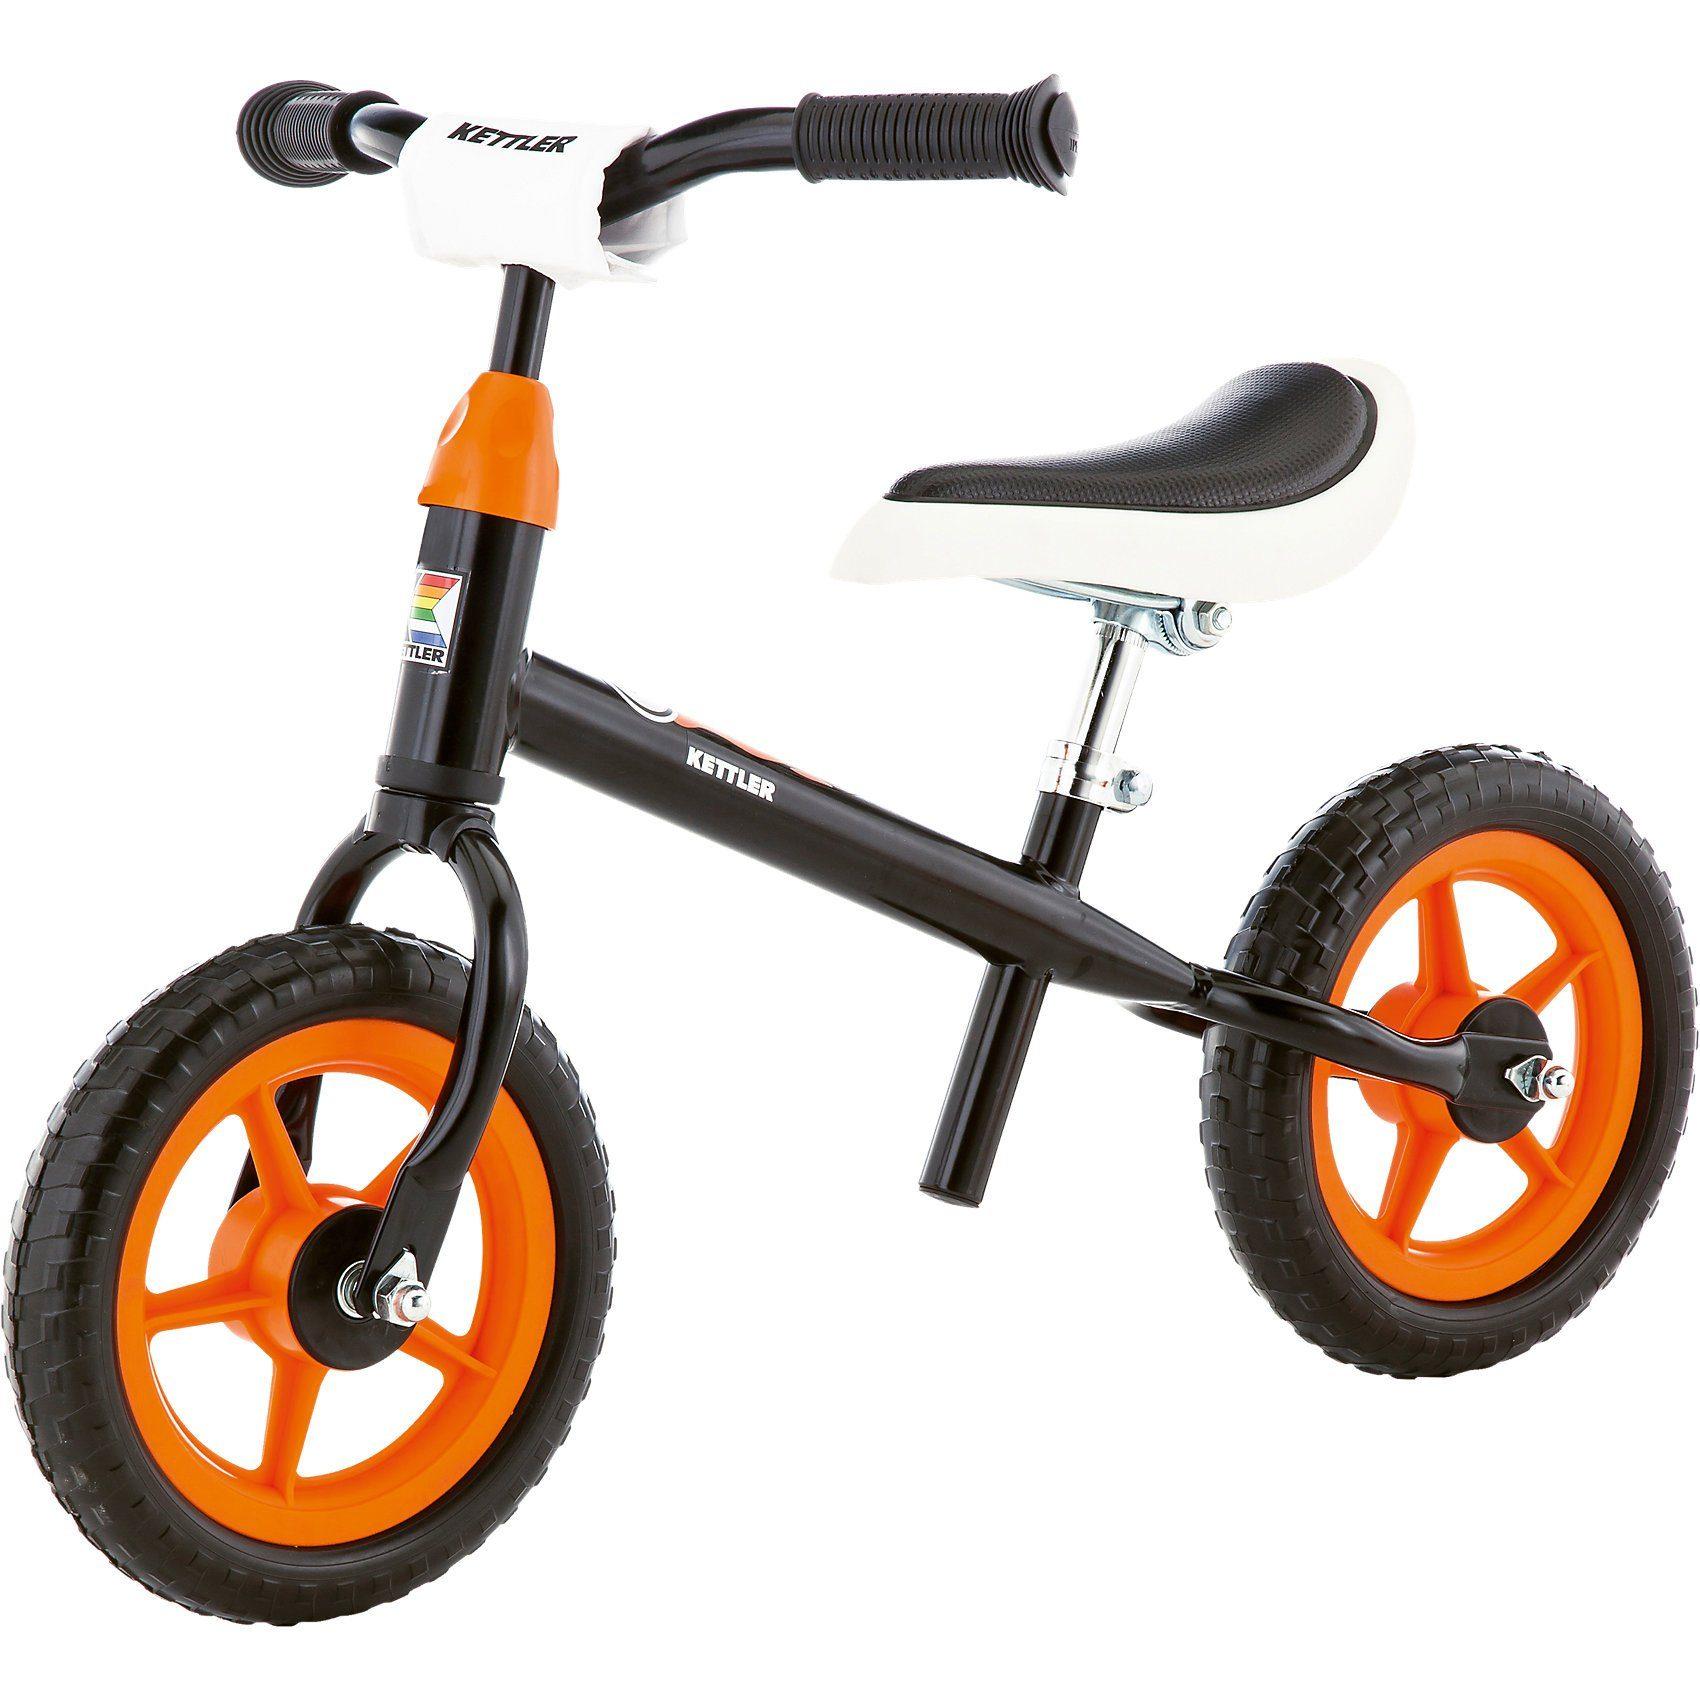 Kettler Laufrad Speedy 10'' Rocket, schwarz-weiß-orange